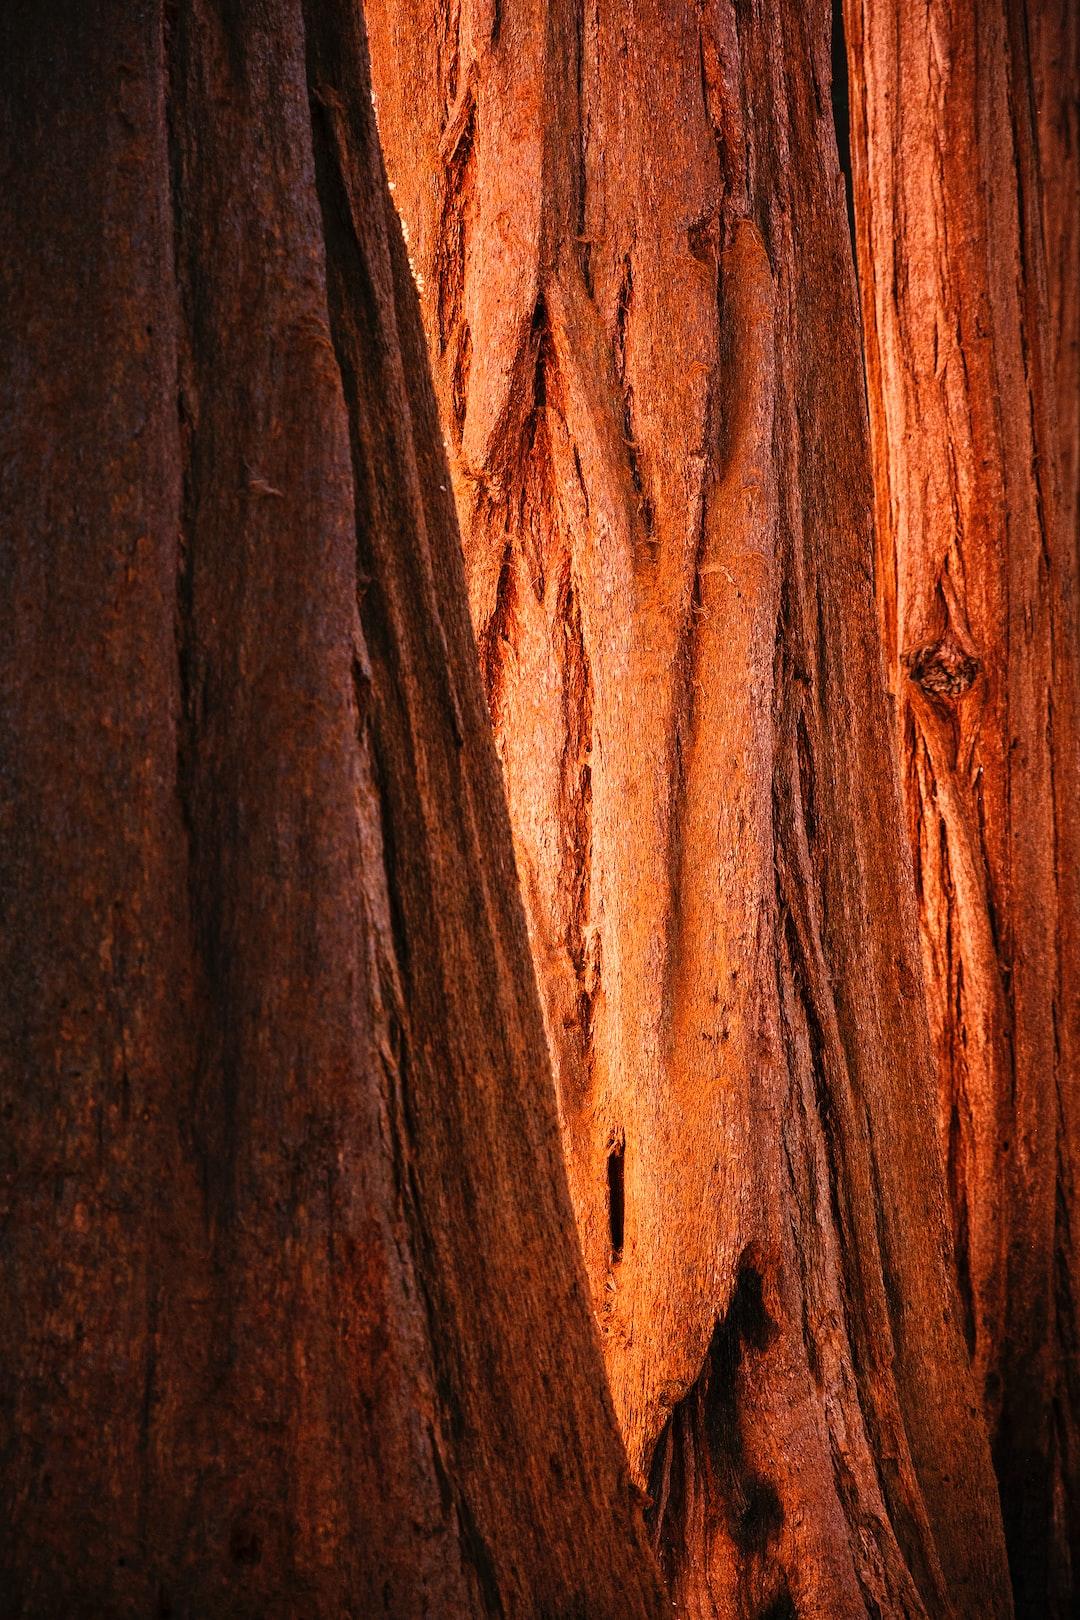 The Big Trip   Sequoia National Park - Explore more at explorehuper.com